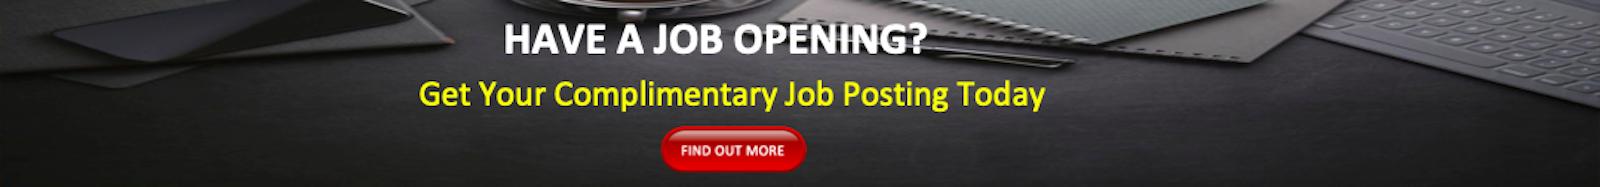 MACEOS Complimentary Job Posting